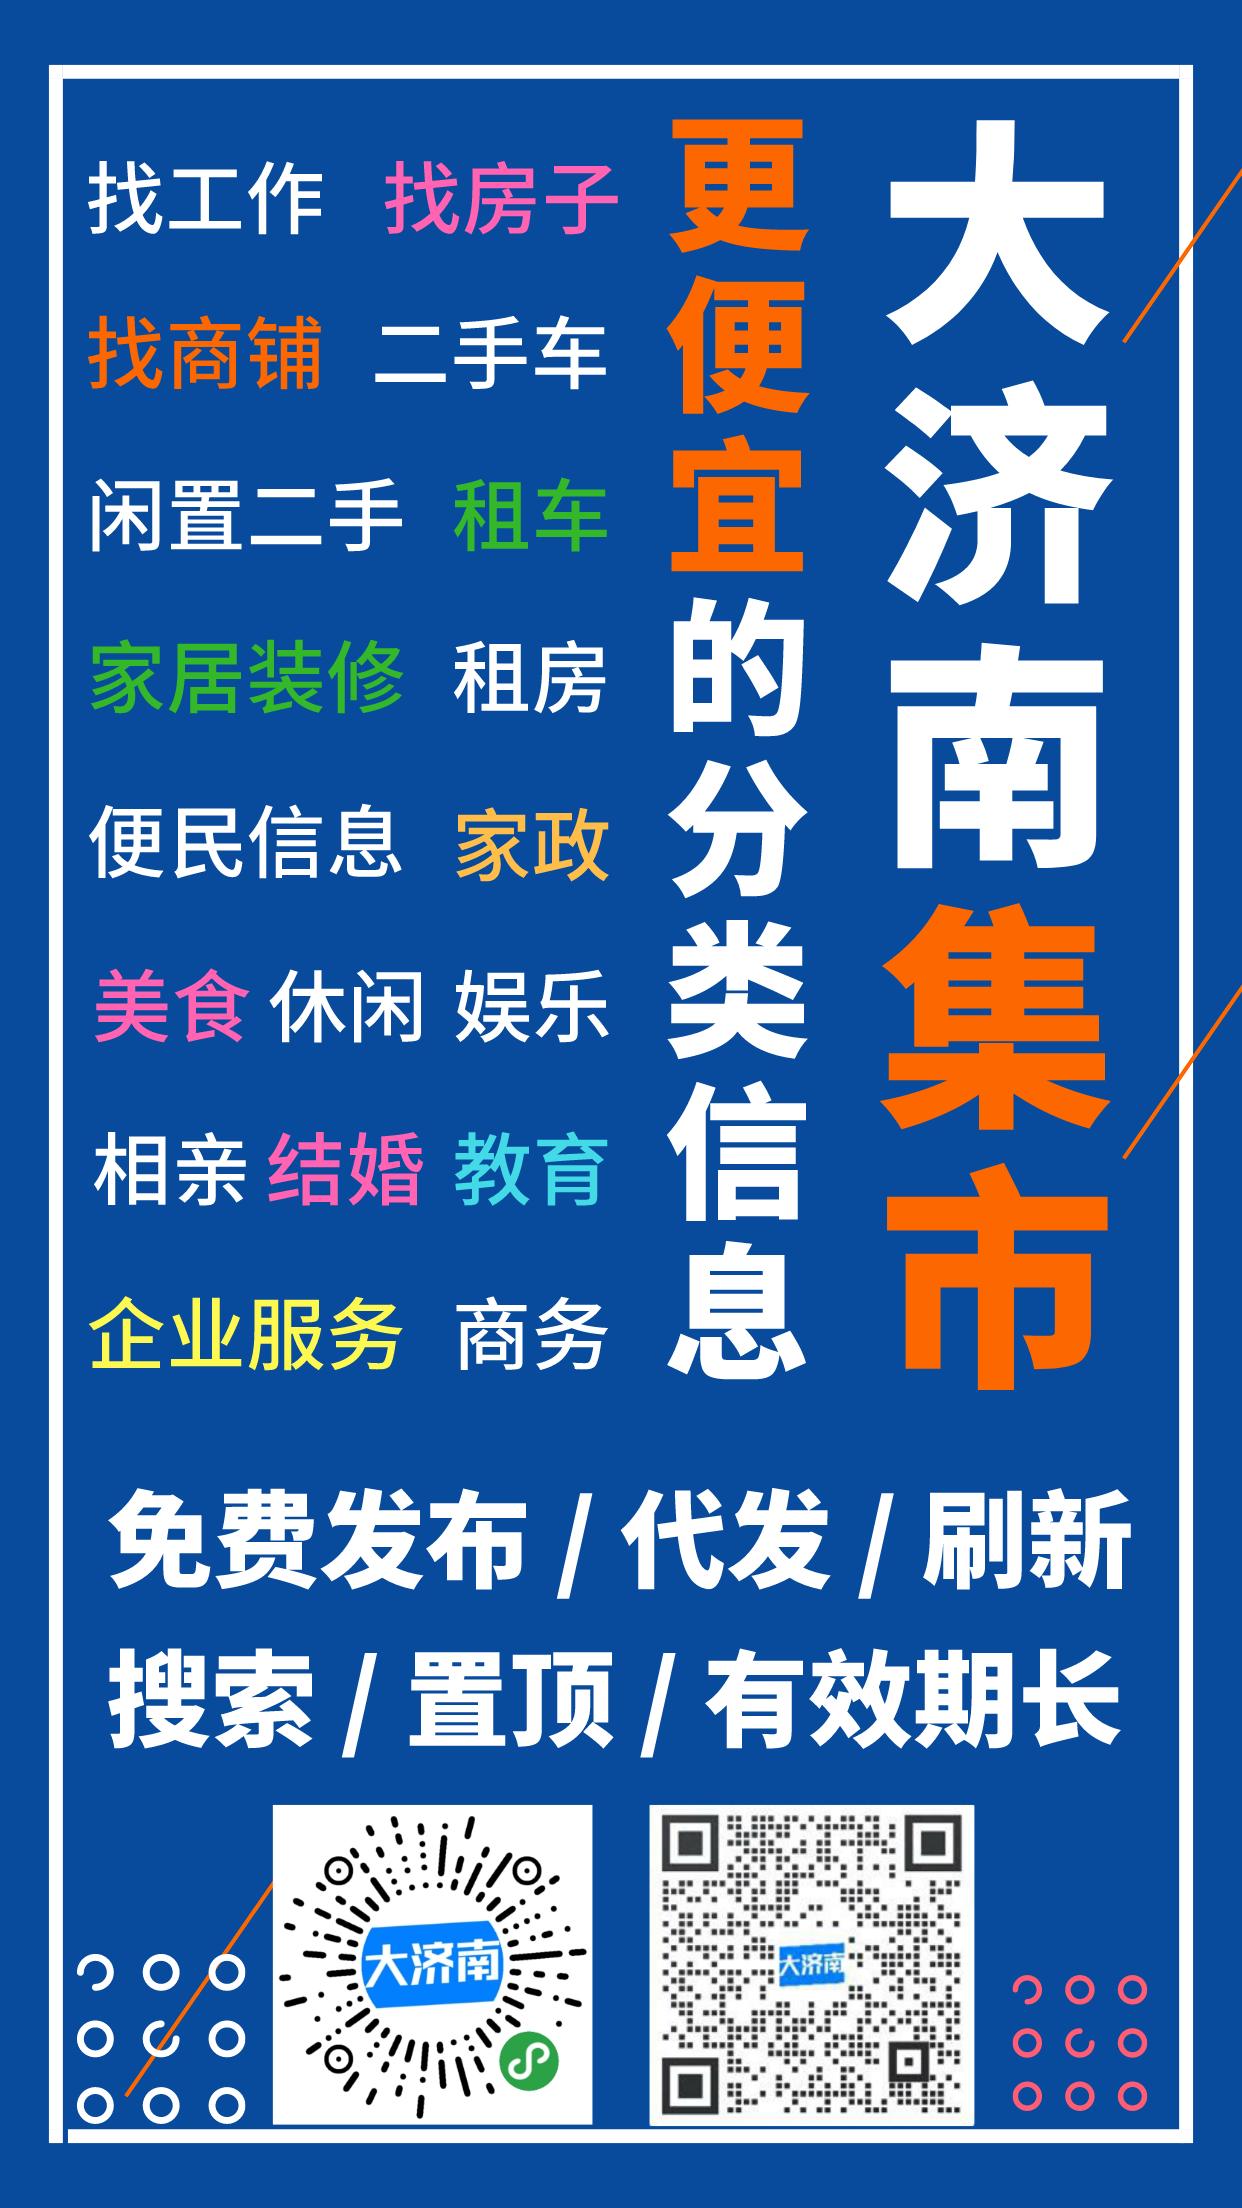 【大济南集市·我们有话说】2021年1月10日,供暖有一段时间了,说说大家的室内平均温度吧?